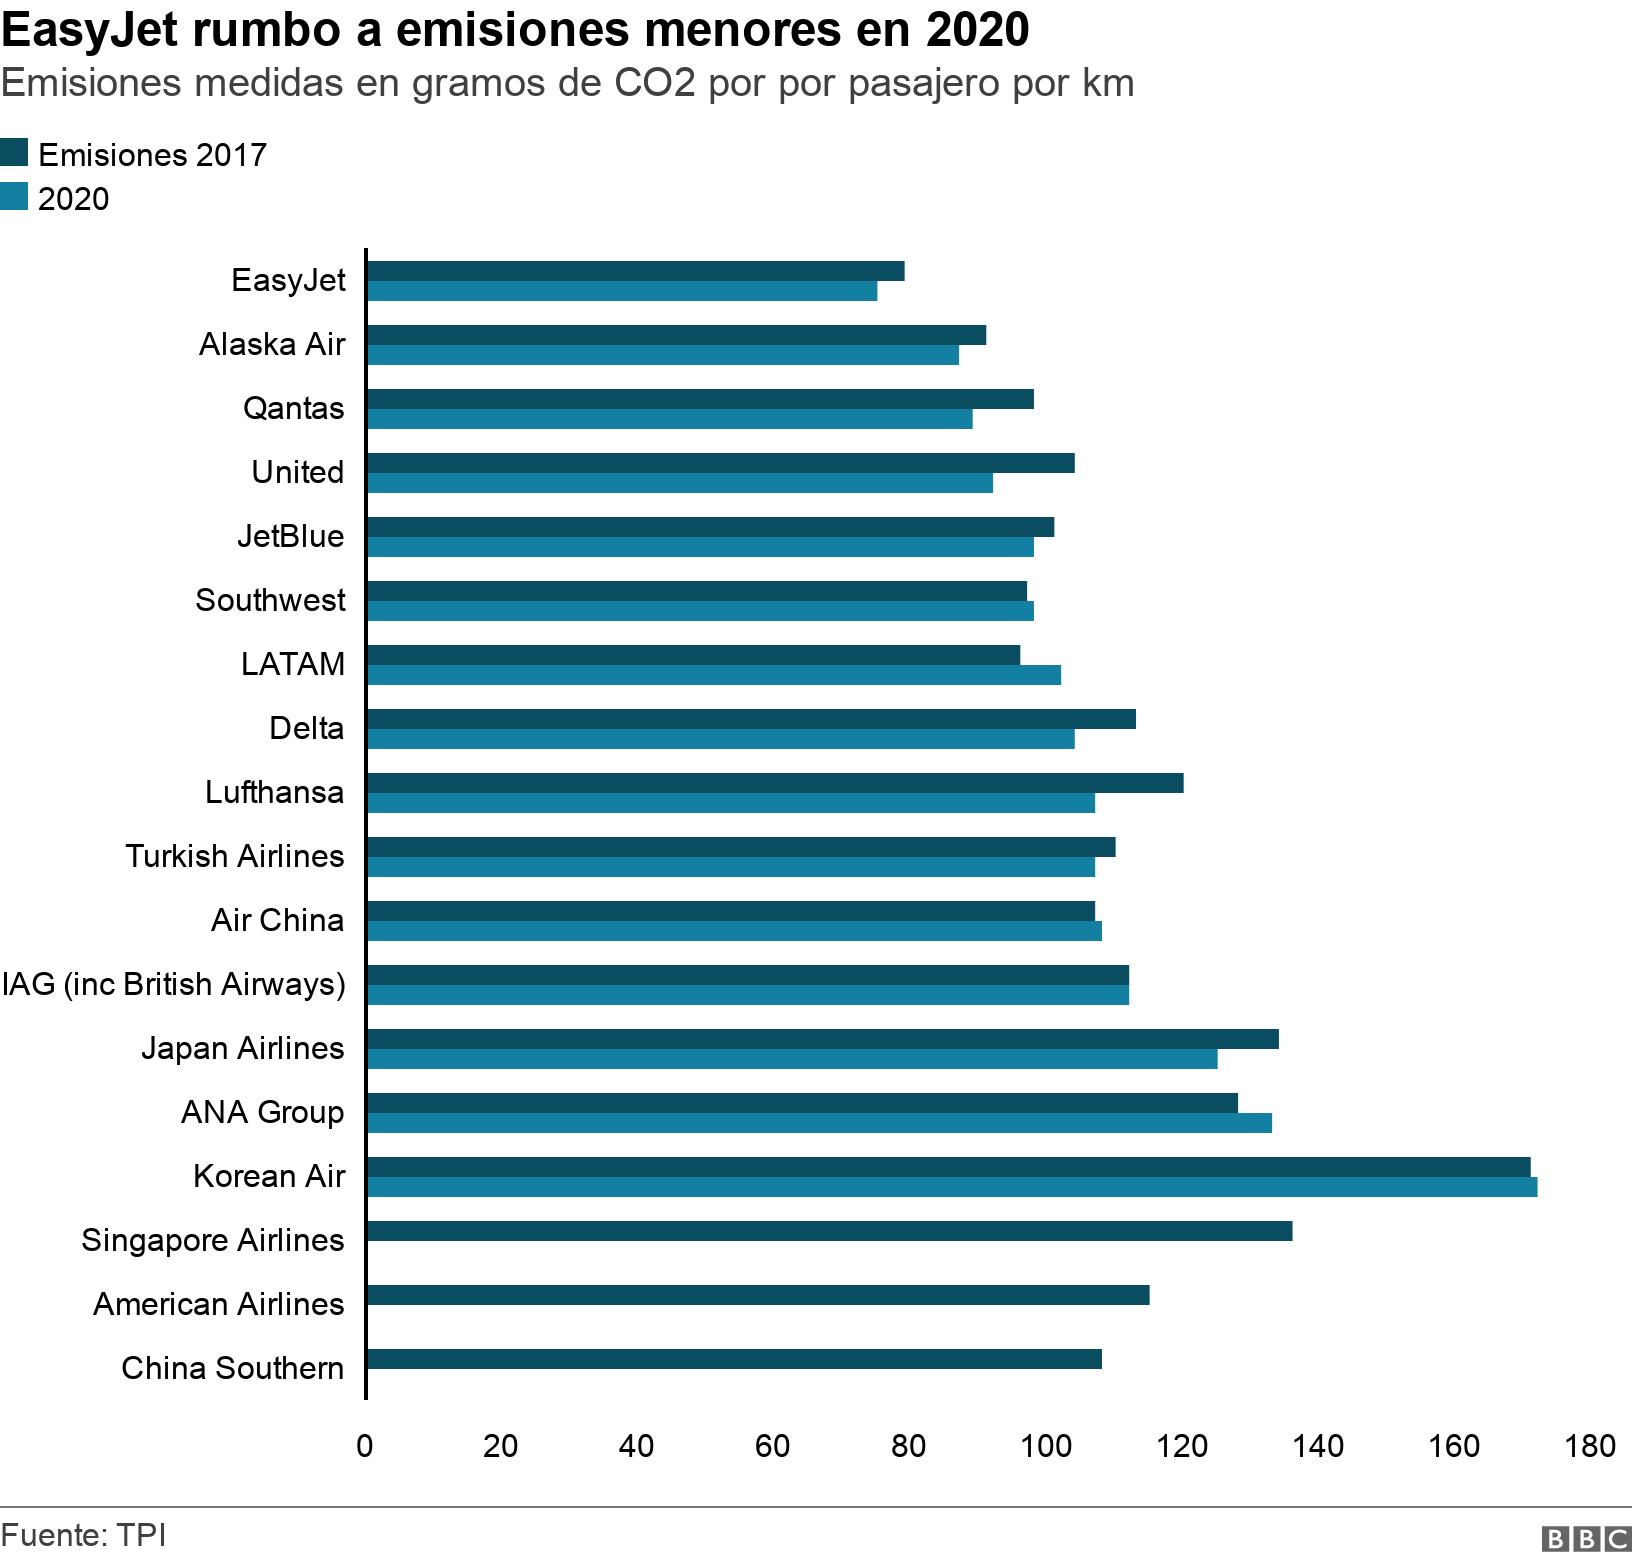 EasyJet rumbo a emisiones menores en 2020. Emisiones medidas en gramos de CO2 por por pasajero por km.  .